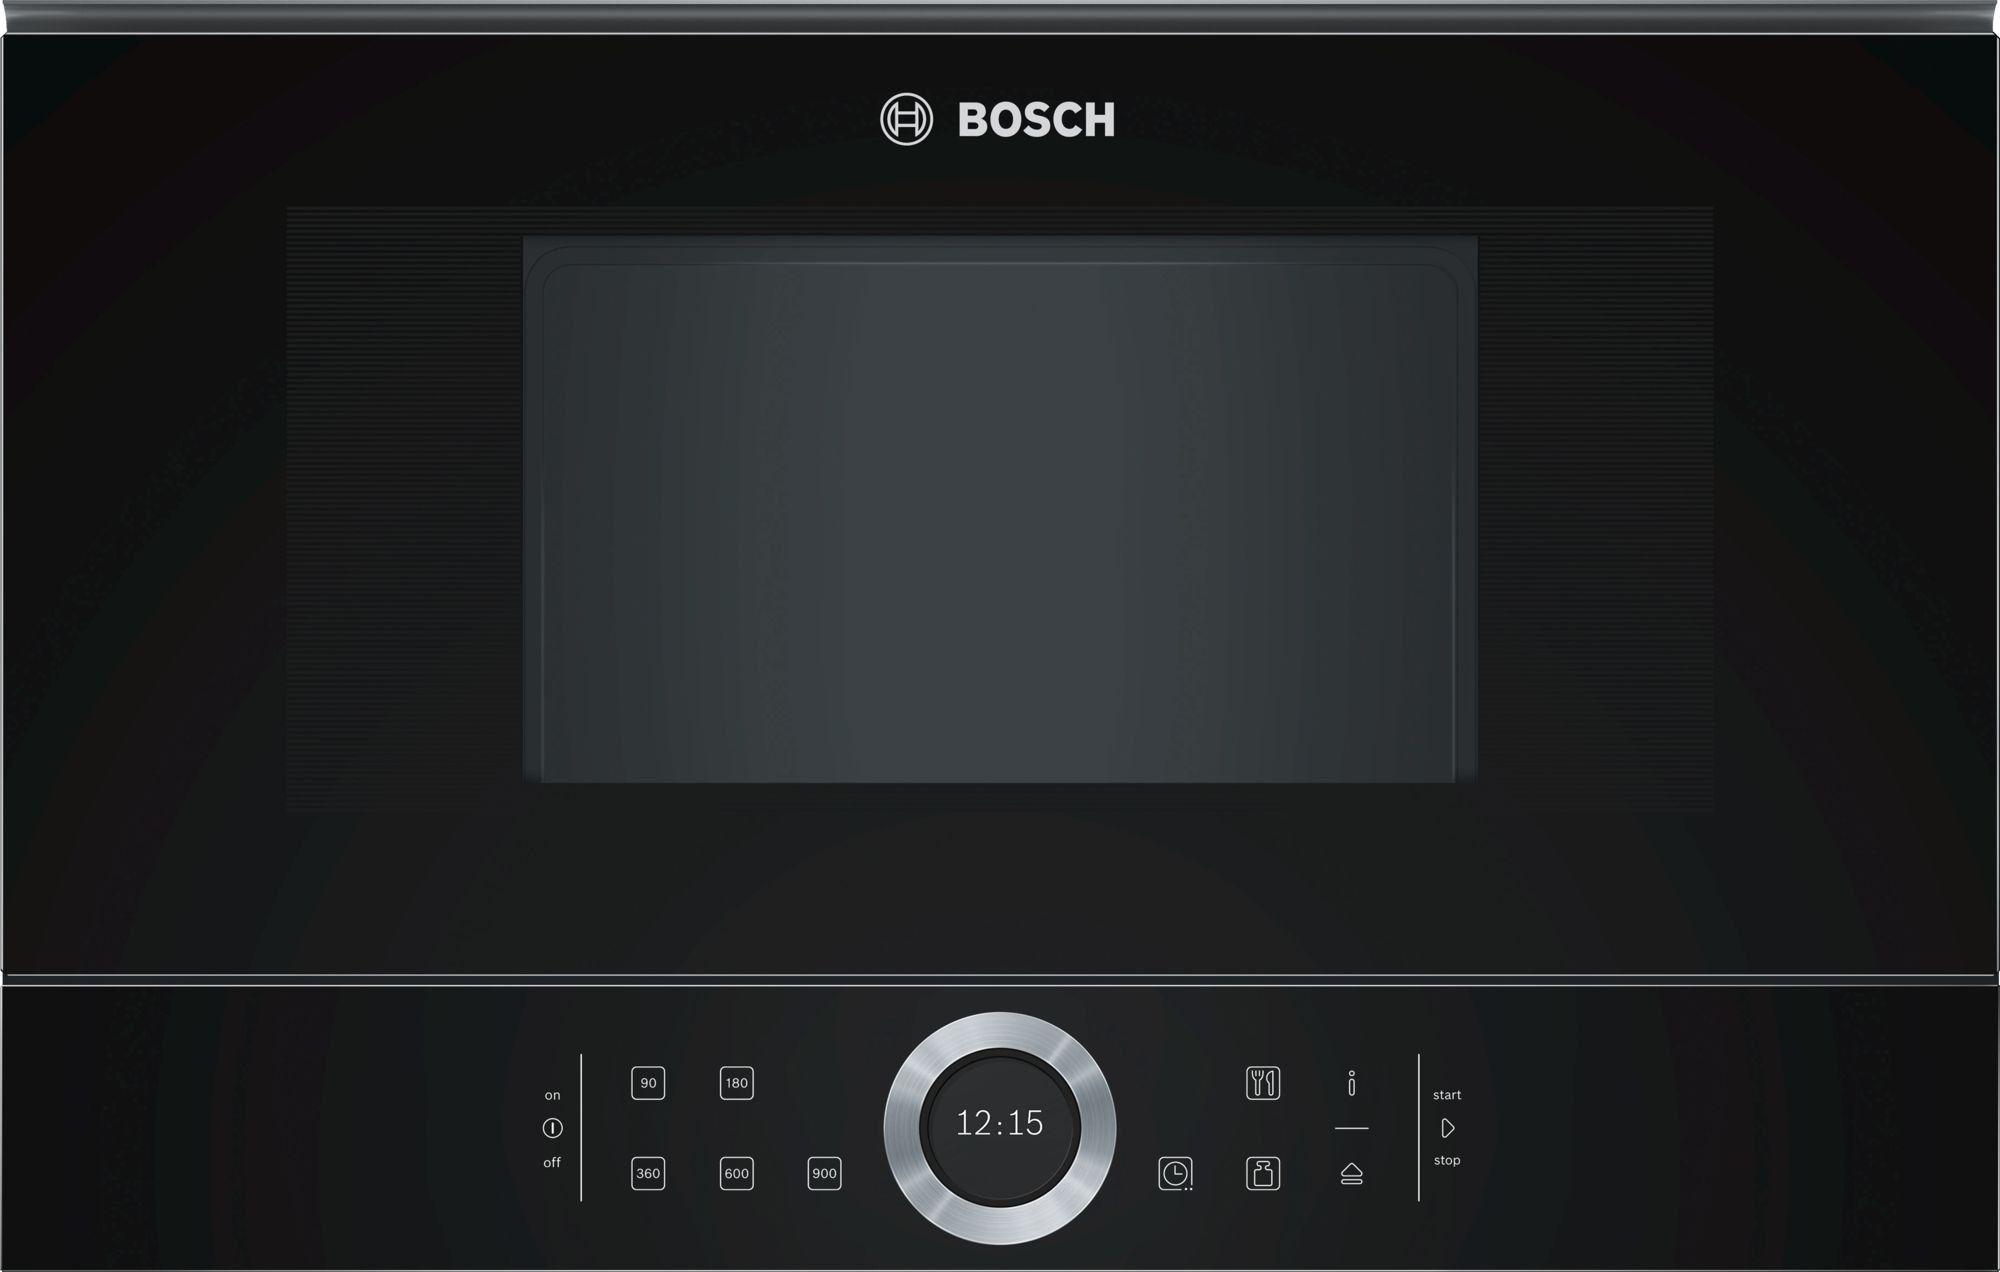 Mikrofala Bosch BFR634GB1, I tel. (22) 266 82 20 I Raty 0 % I kto pyta płaci mniej I Płatności online !